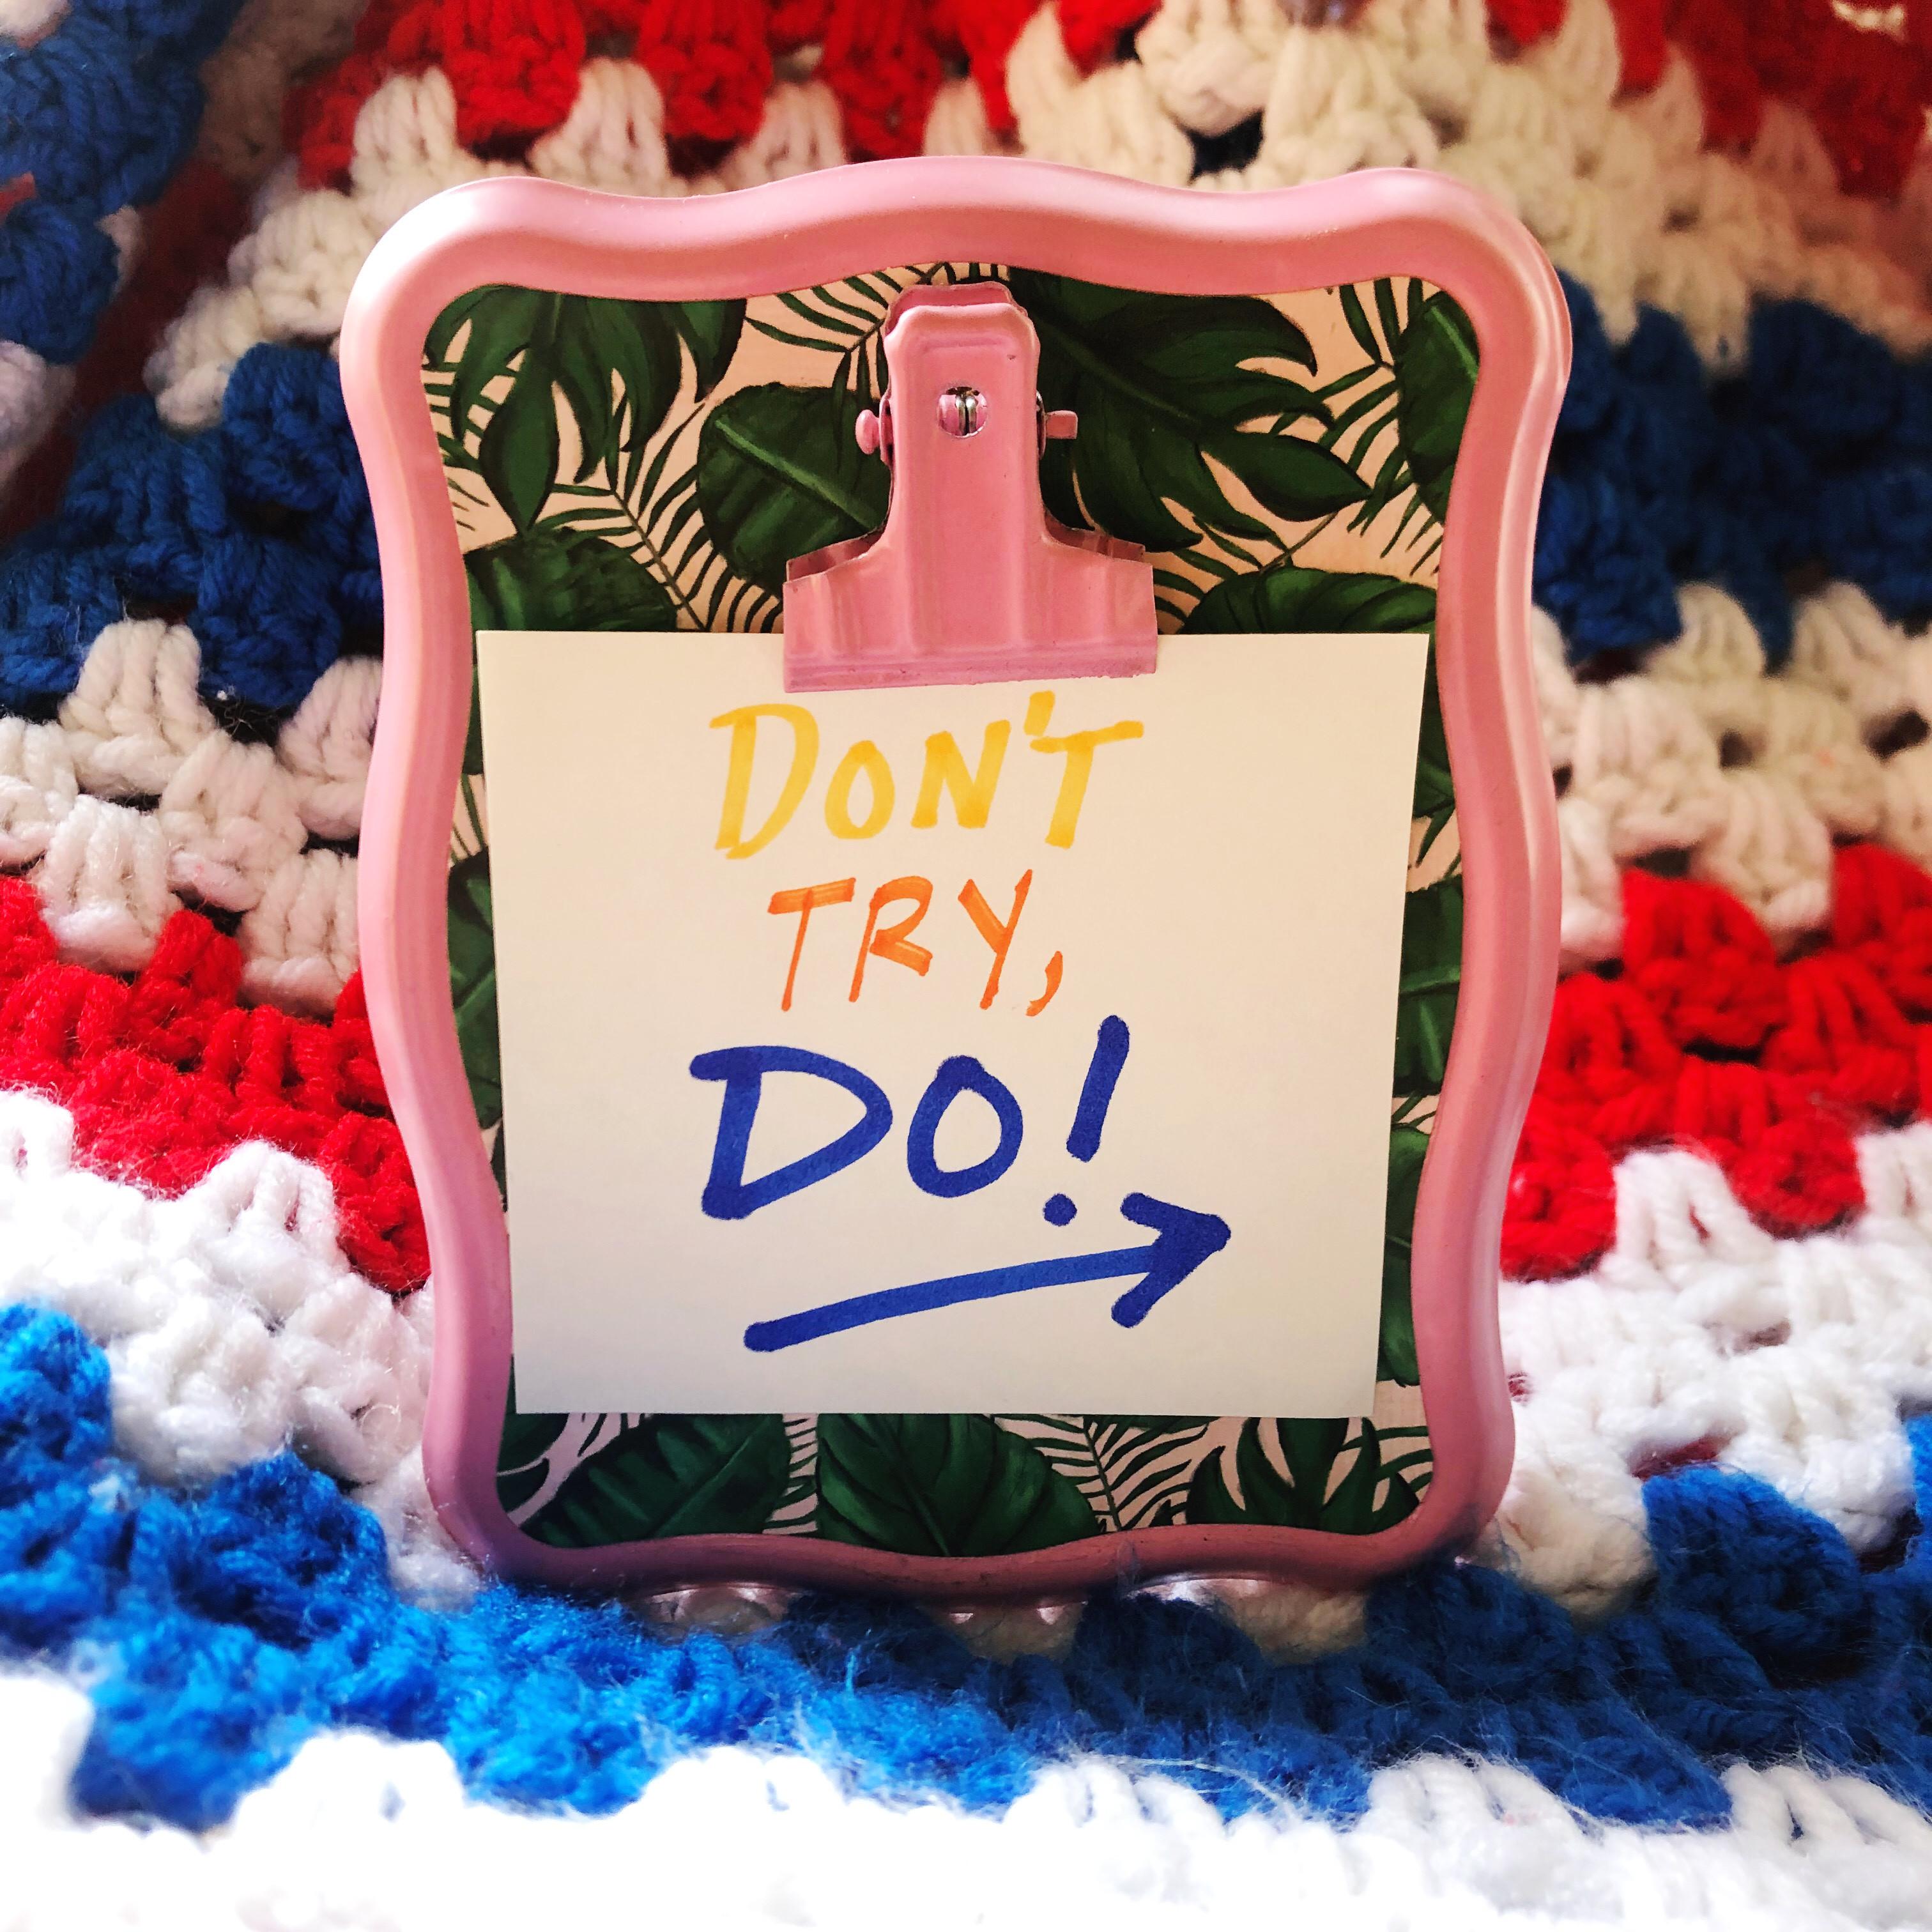 Reseller Tips 12 • Don't Try, Do!